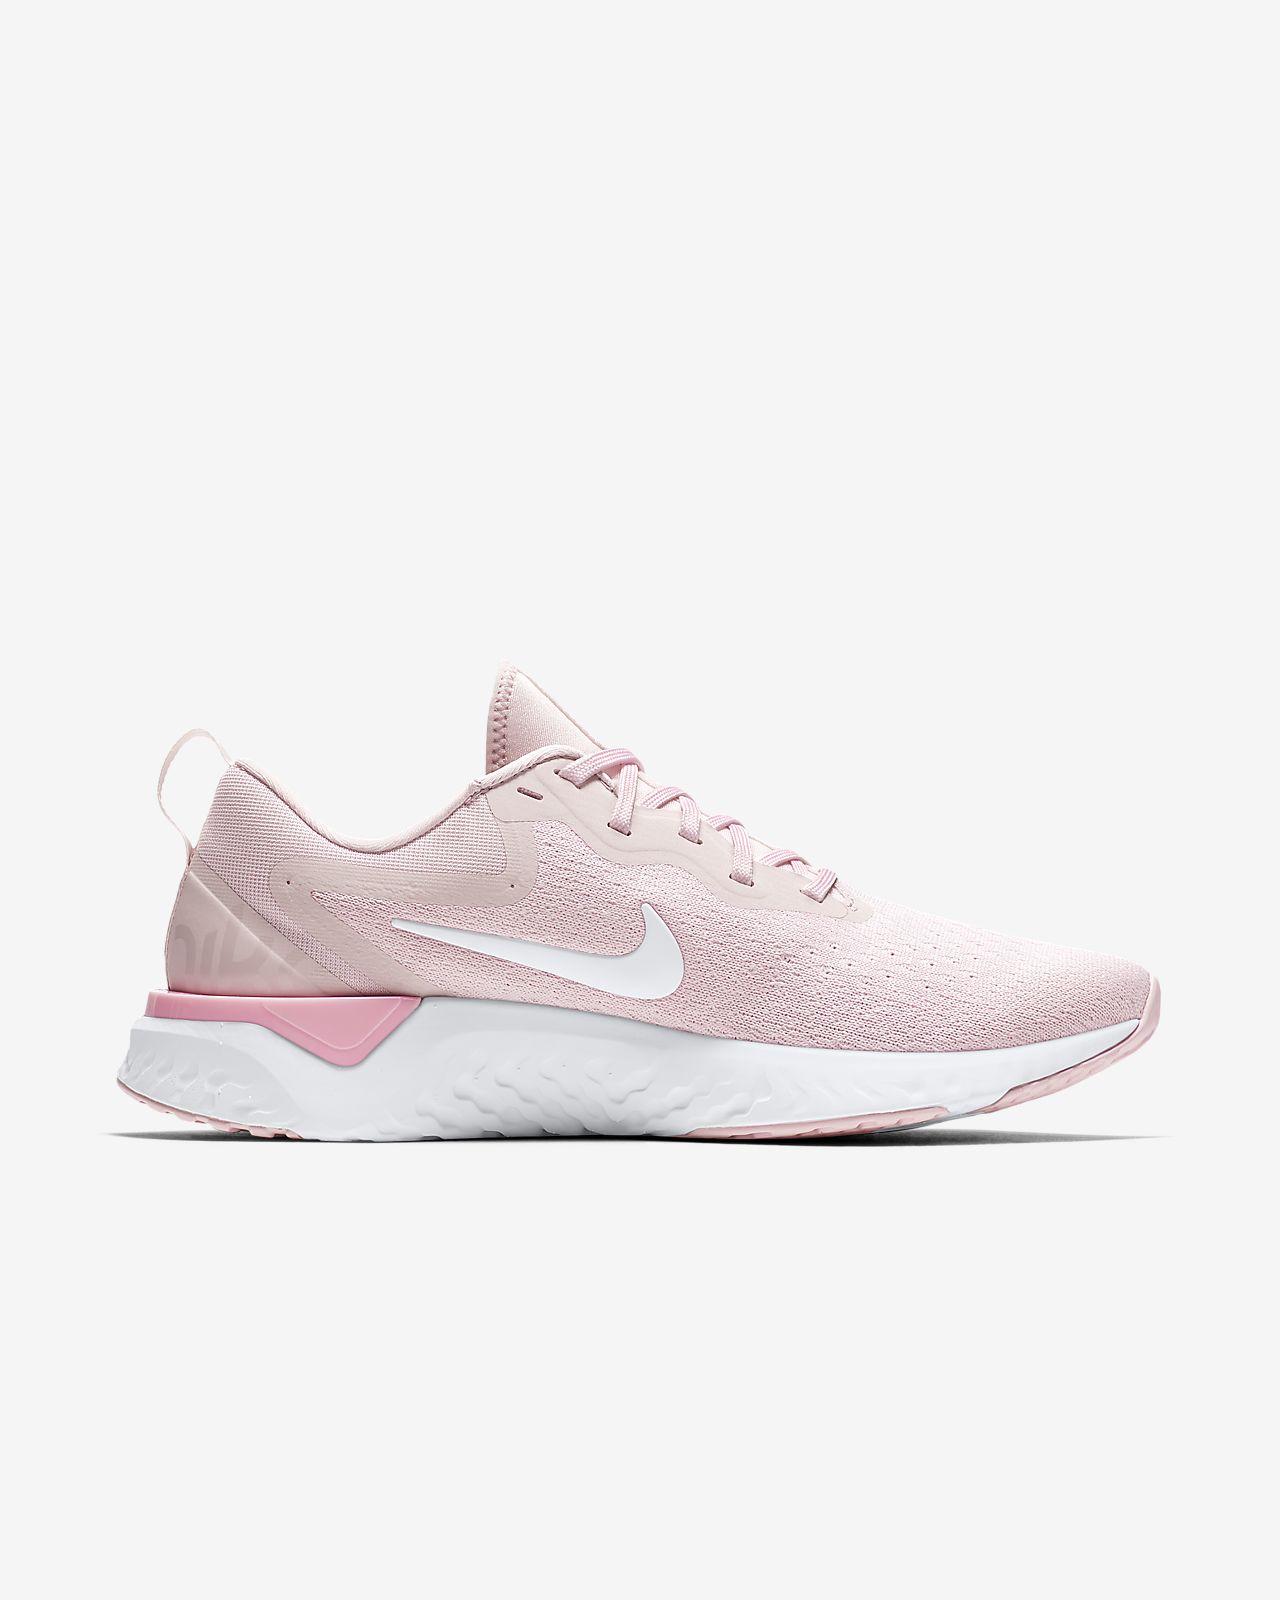 hot sale online 7593e b3e58 ... Nike Odyssey React Women s Running Shoe